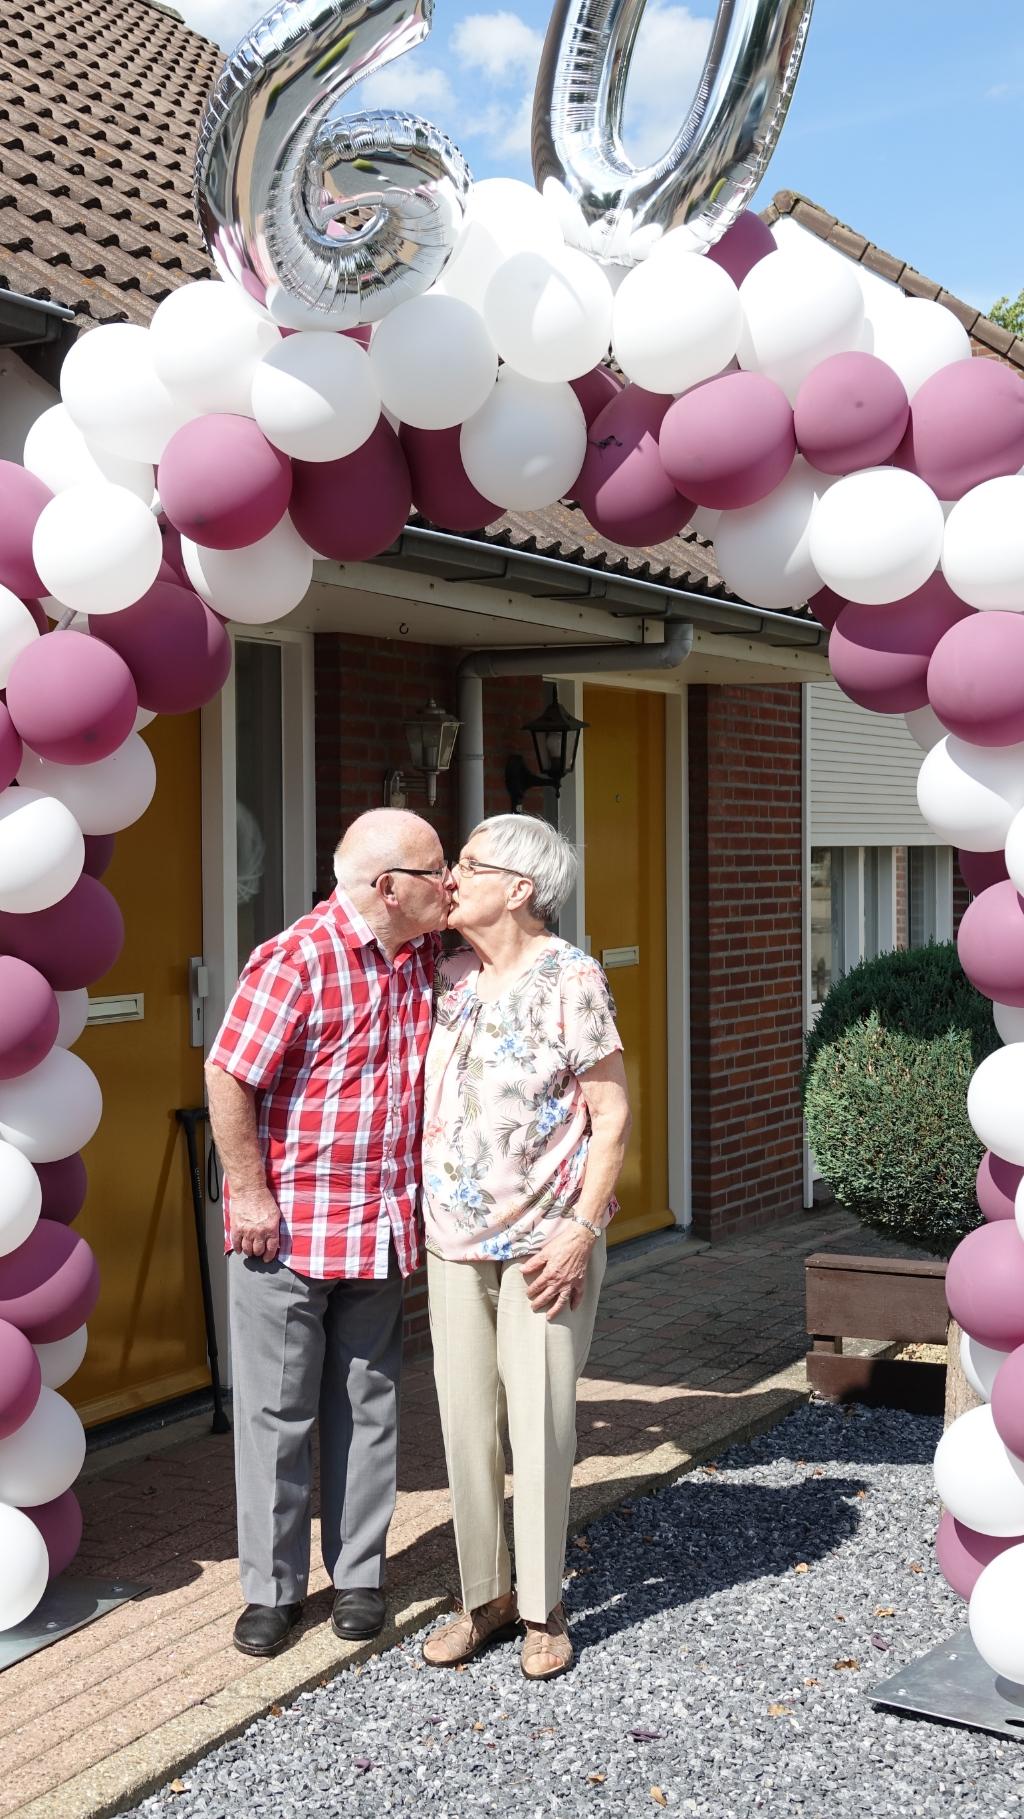 Wiel en Truus Gooren 60 jaar getrouwd Foto:Wiel en Truus Gooren 60 jaar getrouwd © Maasduinencentraal